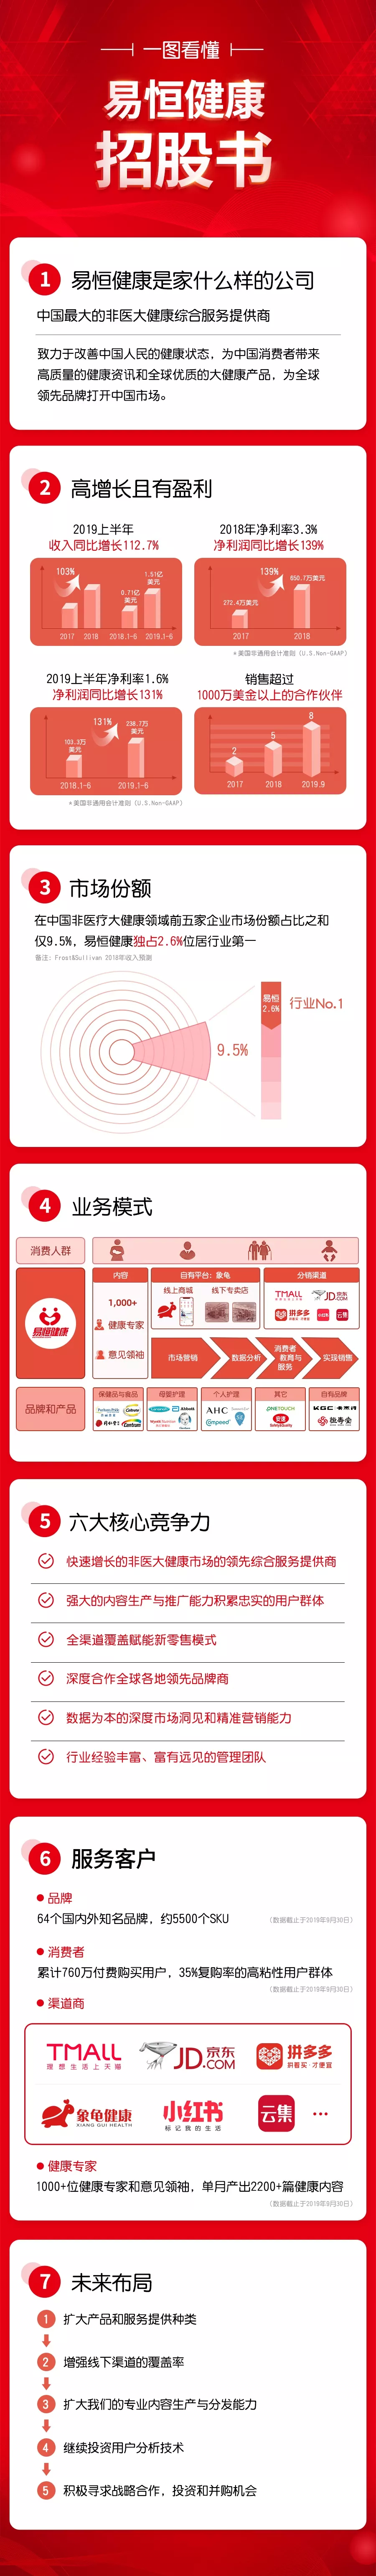 """5123体育平台,平安资管与QIC发布首款合作产品""""QIC-平安中国企业债基金"""""""